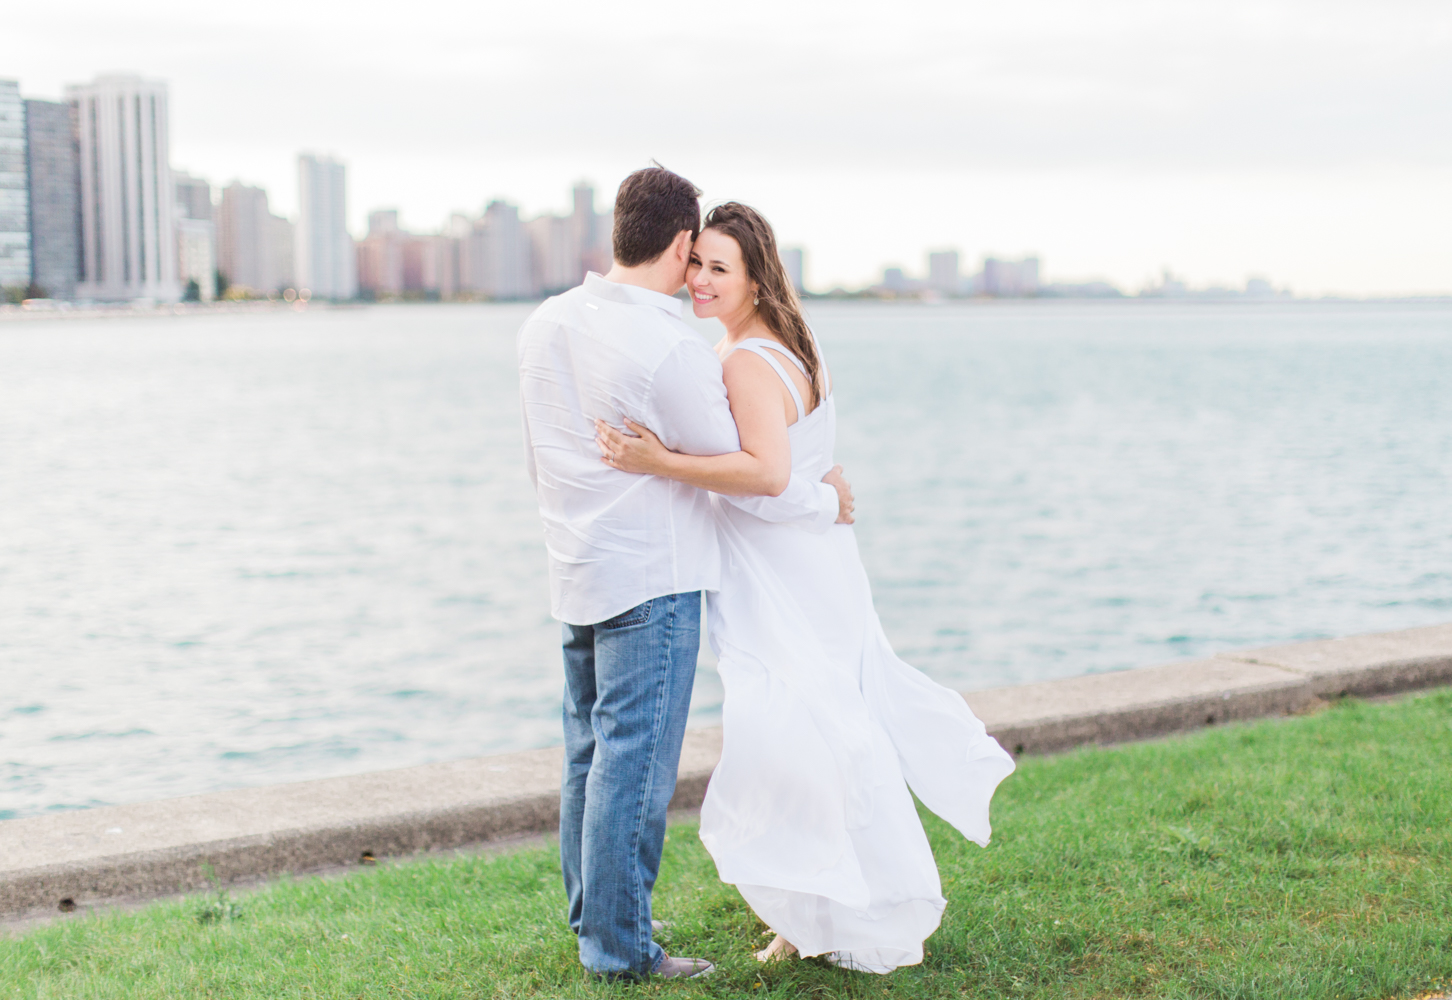 Bonphotage Engagement Photography